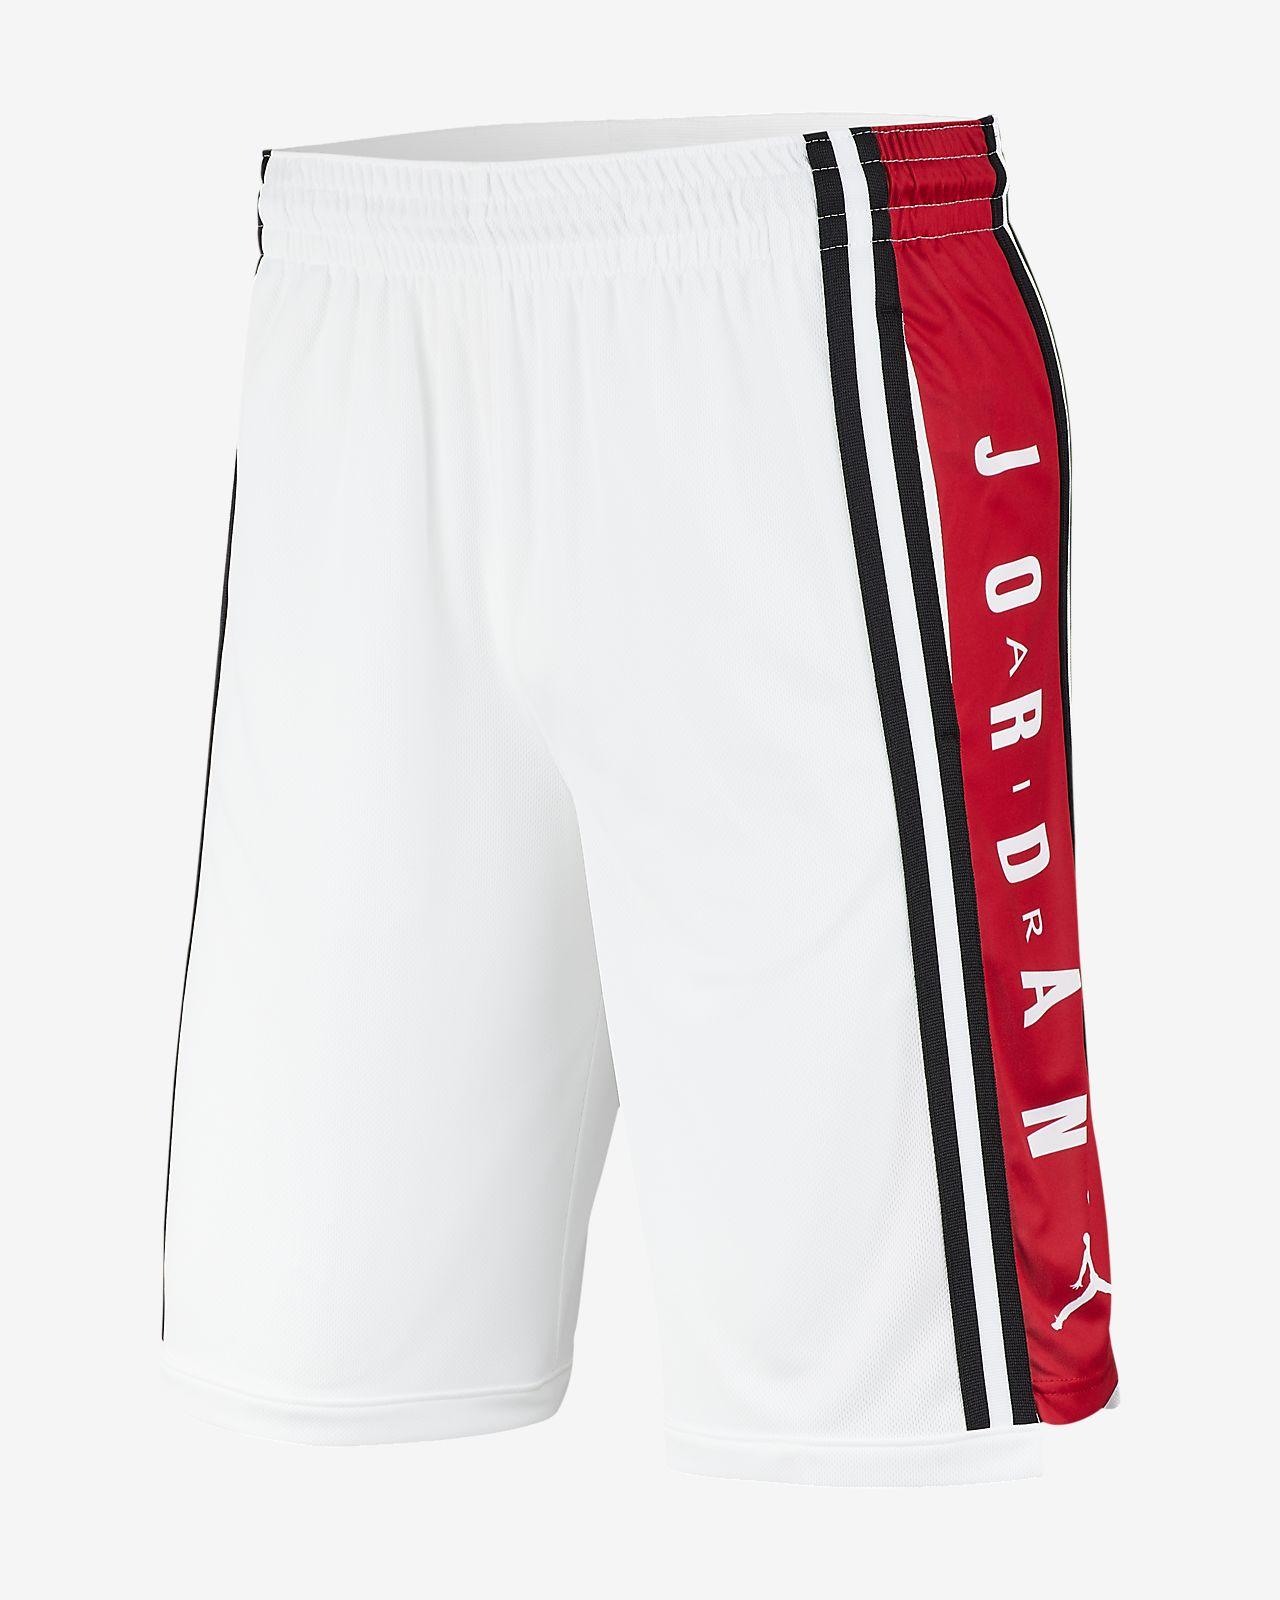 Ανδρικό σορτς μπάσκετ Jordan HBR